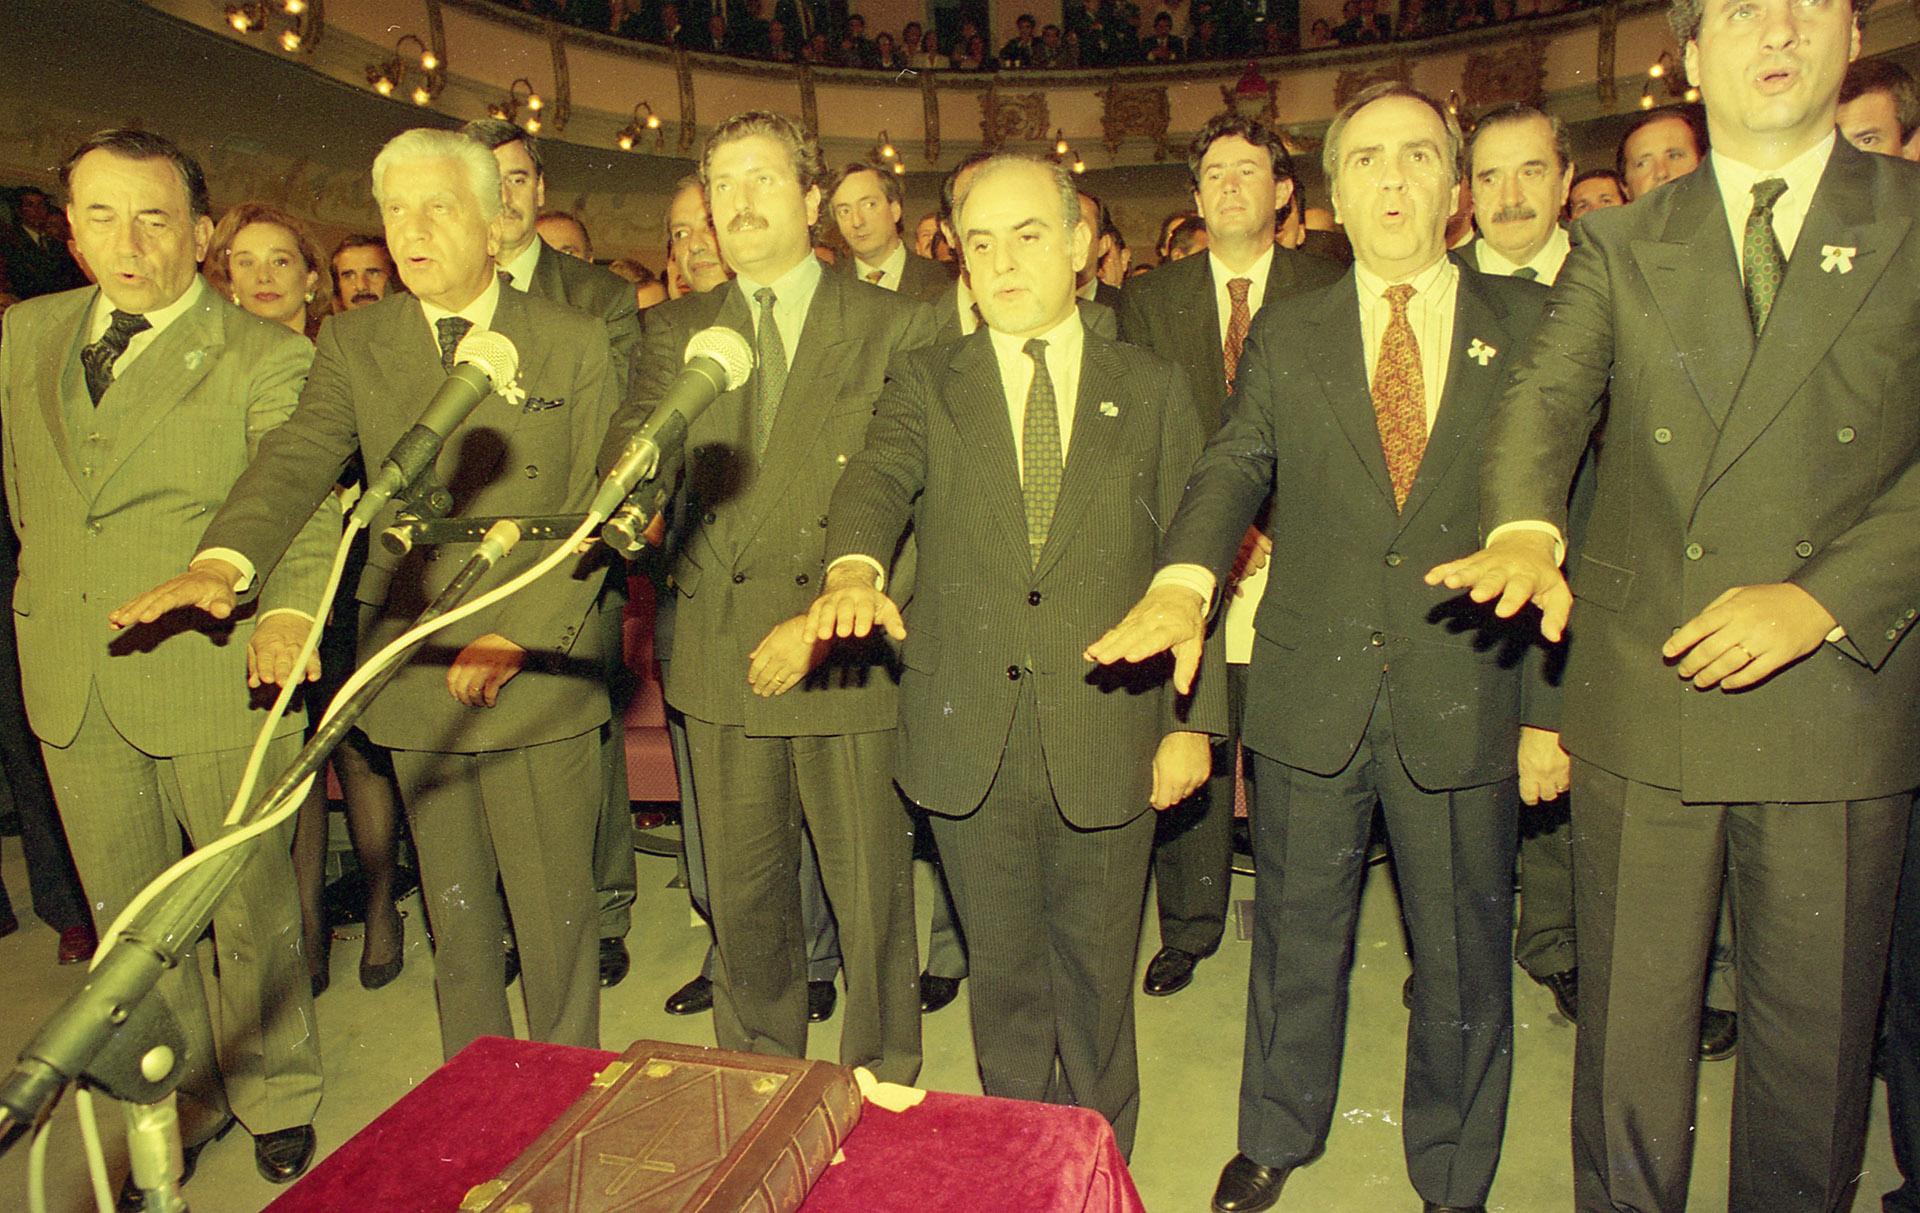 Finalización de la Asamblea Constituyente. Políticos Jurando. Al centro, Rodolfo Barra. A la izquierdaCarlos Grosso y Antonio Cafiero. A la derecha, Juan Pablo Cafiero